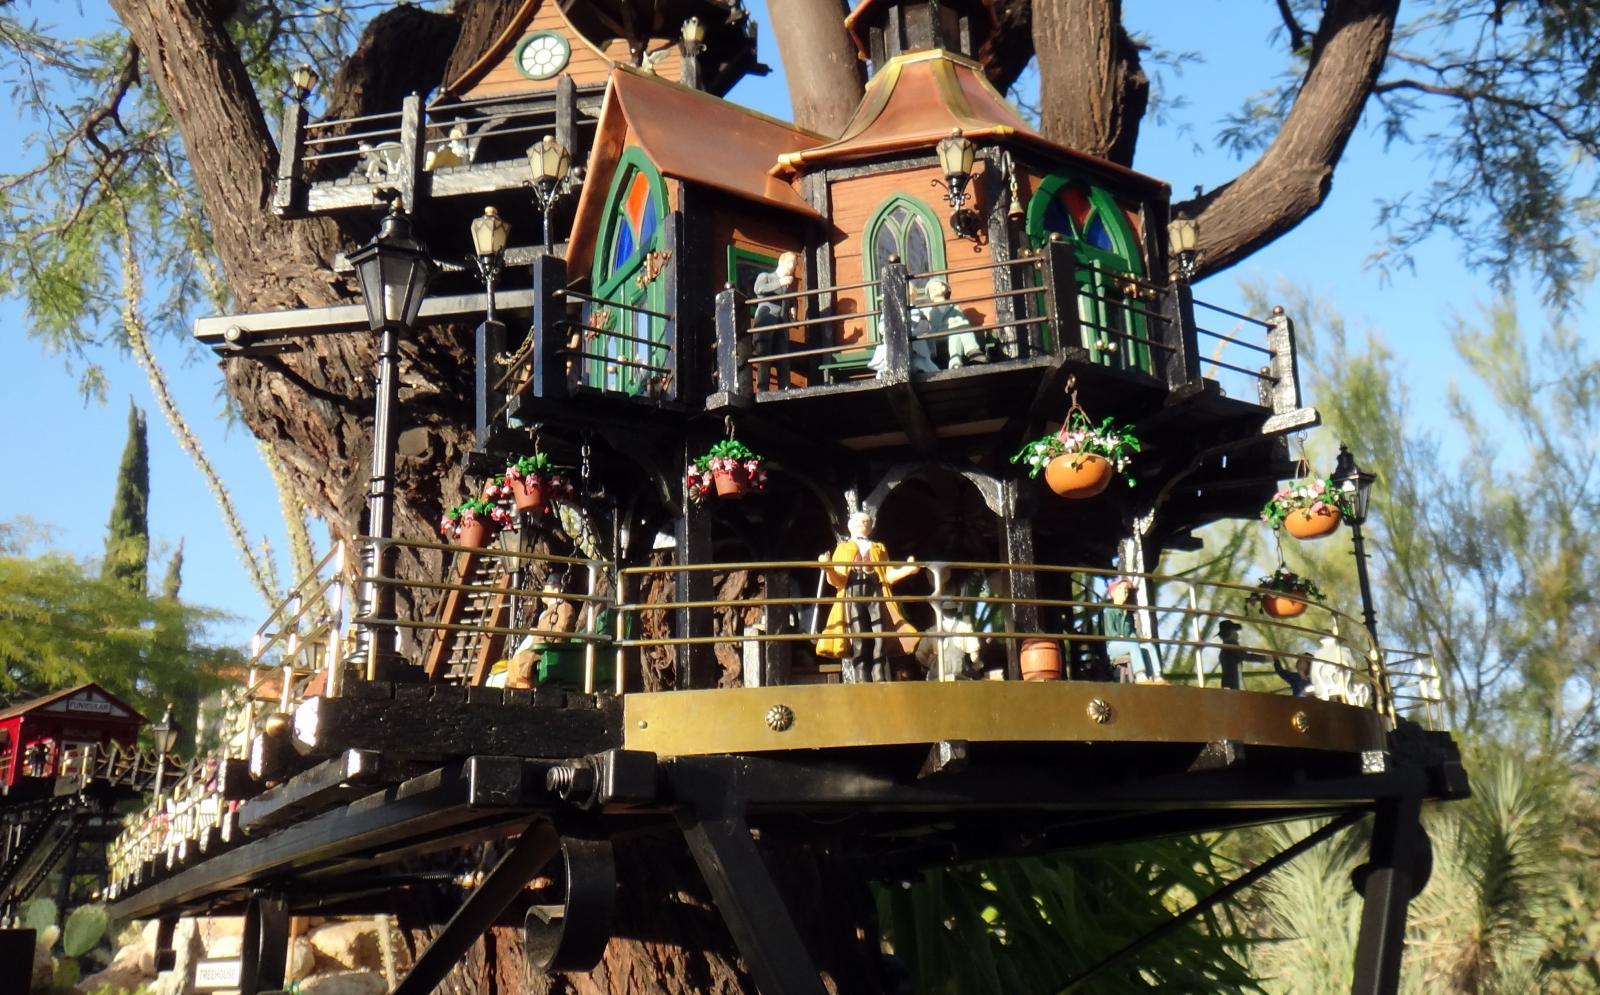 Garden Railway Treehouse Remodeled-61.JPG